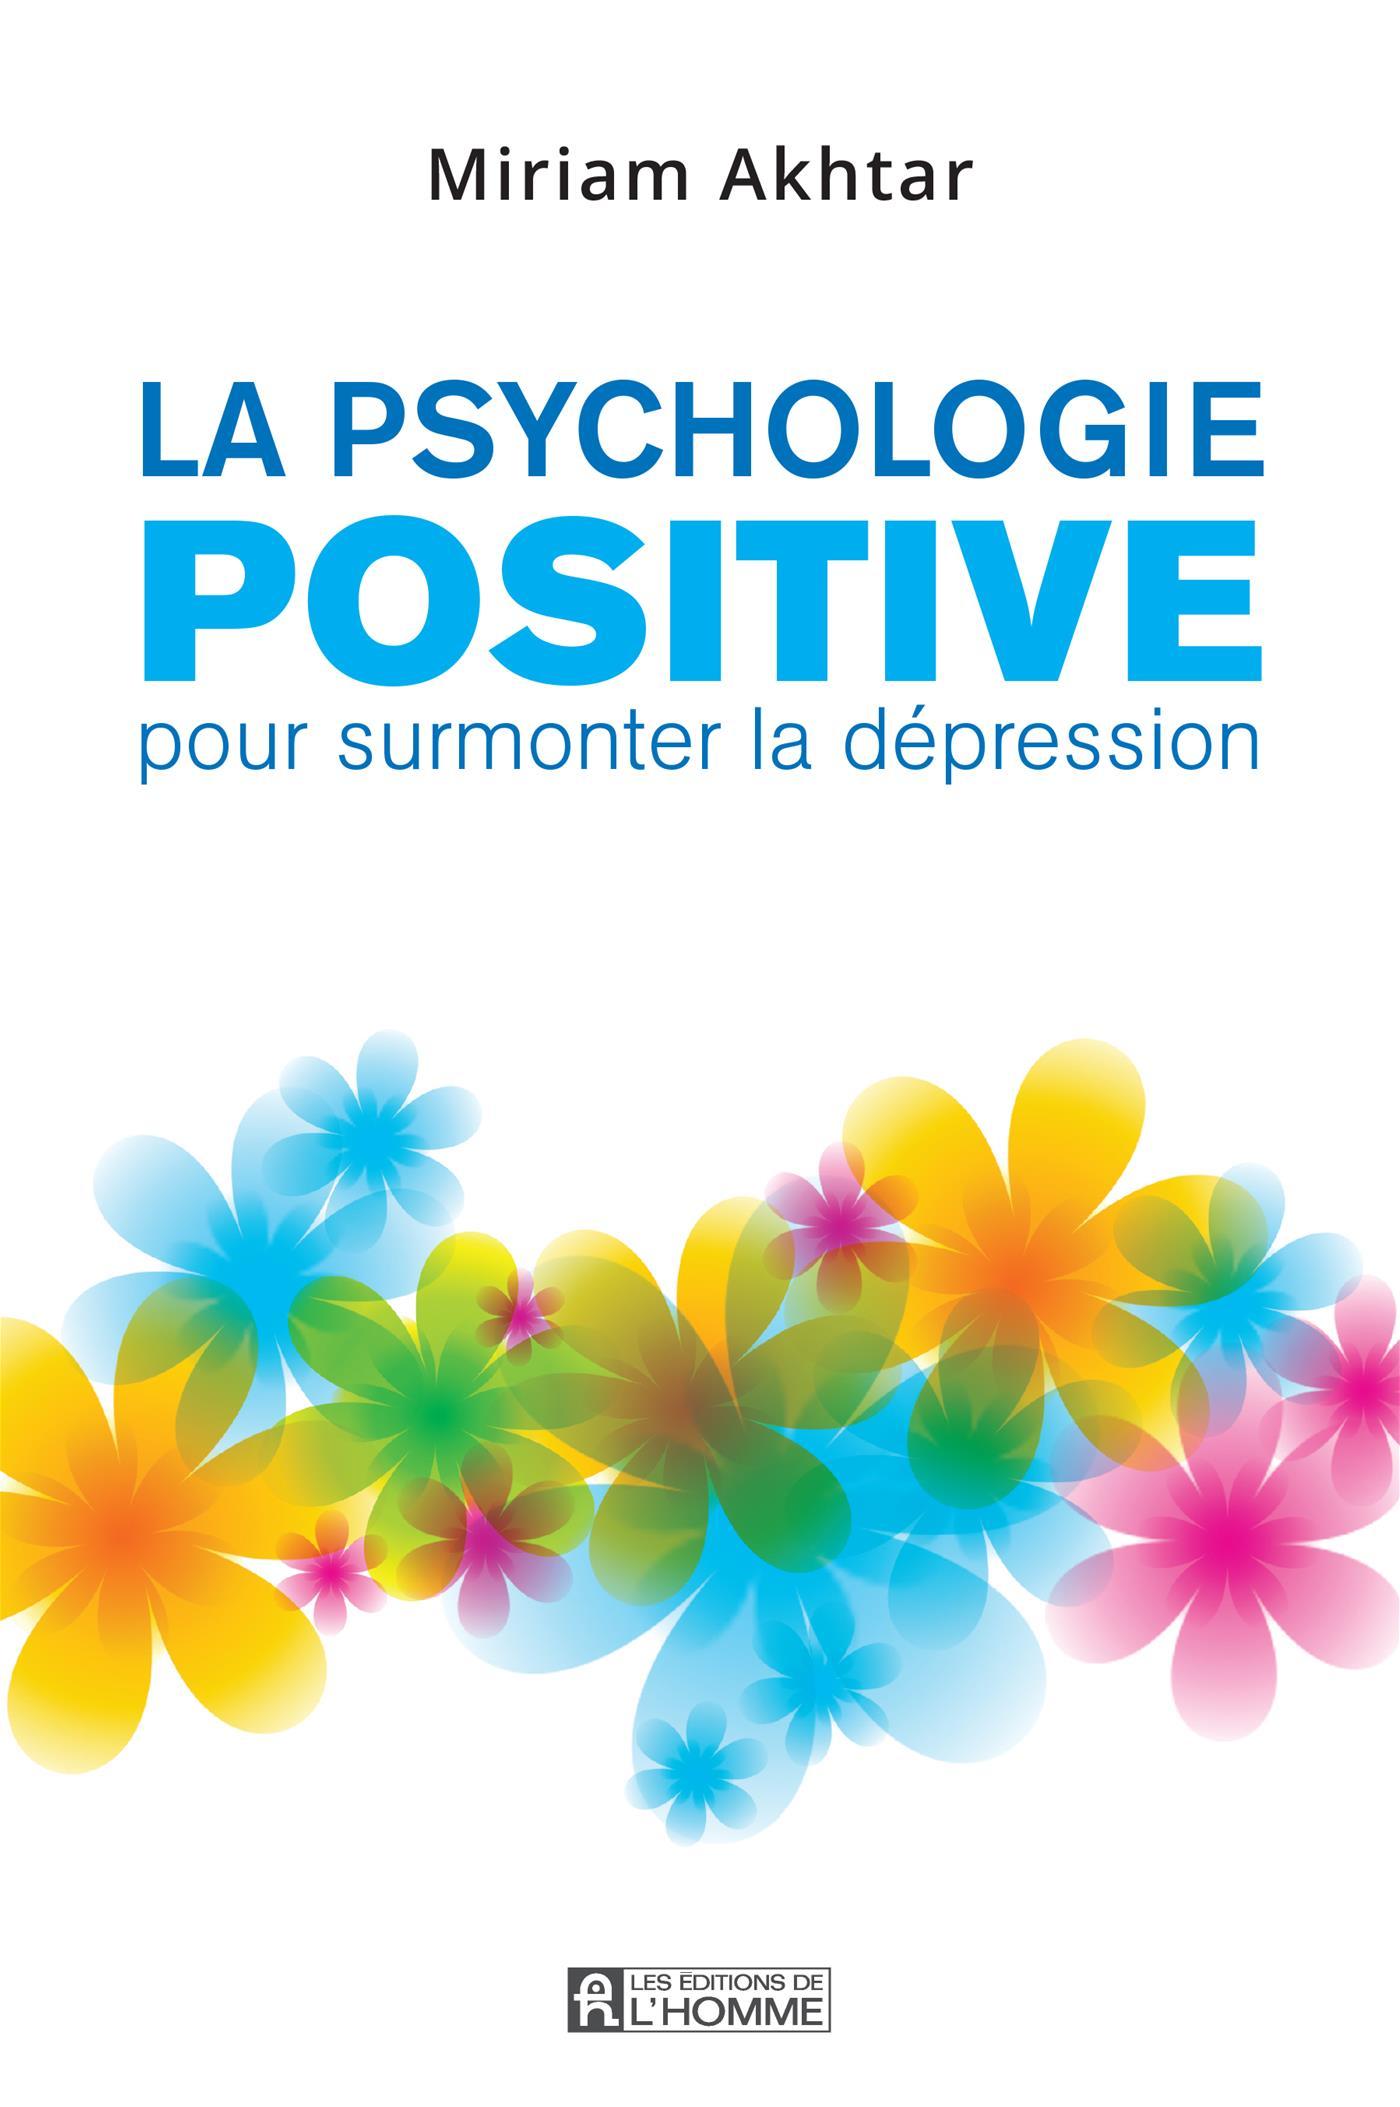 La psychologie positive pour surmonter la dépression